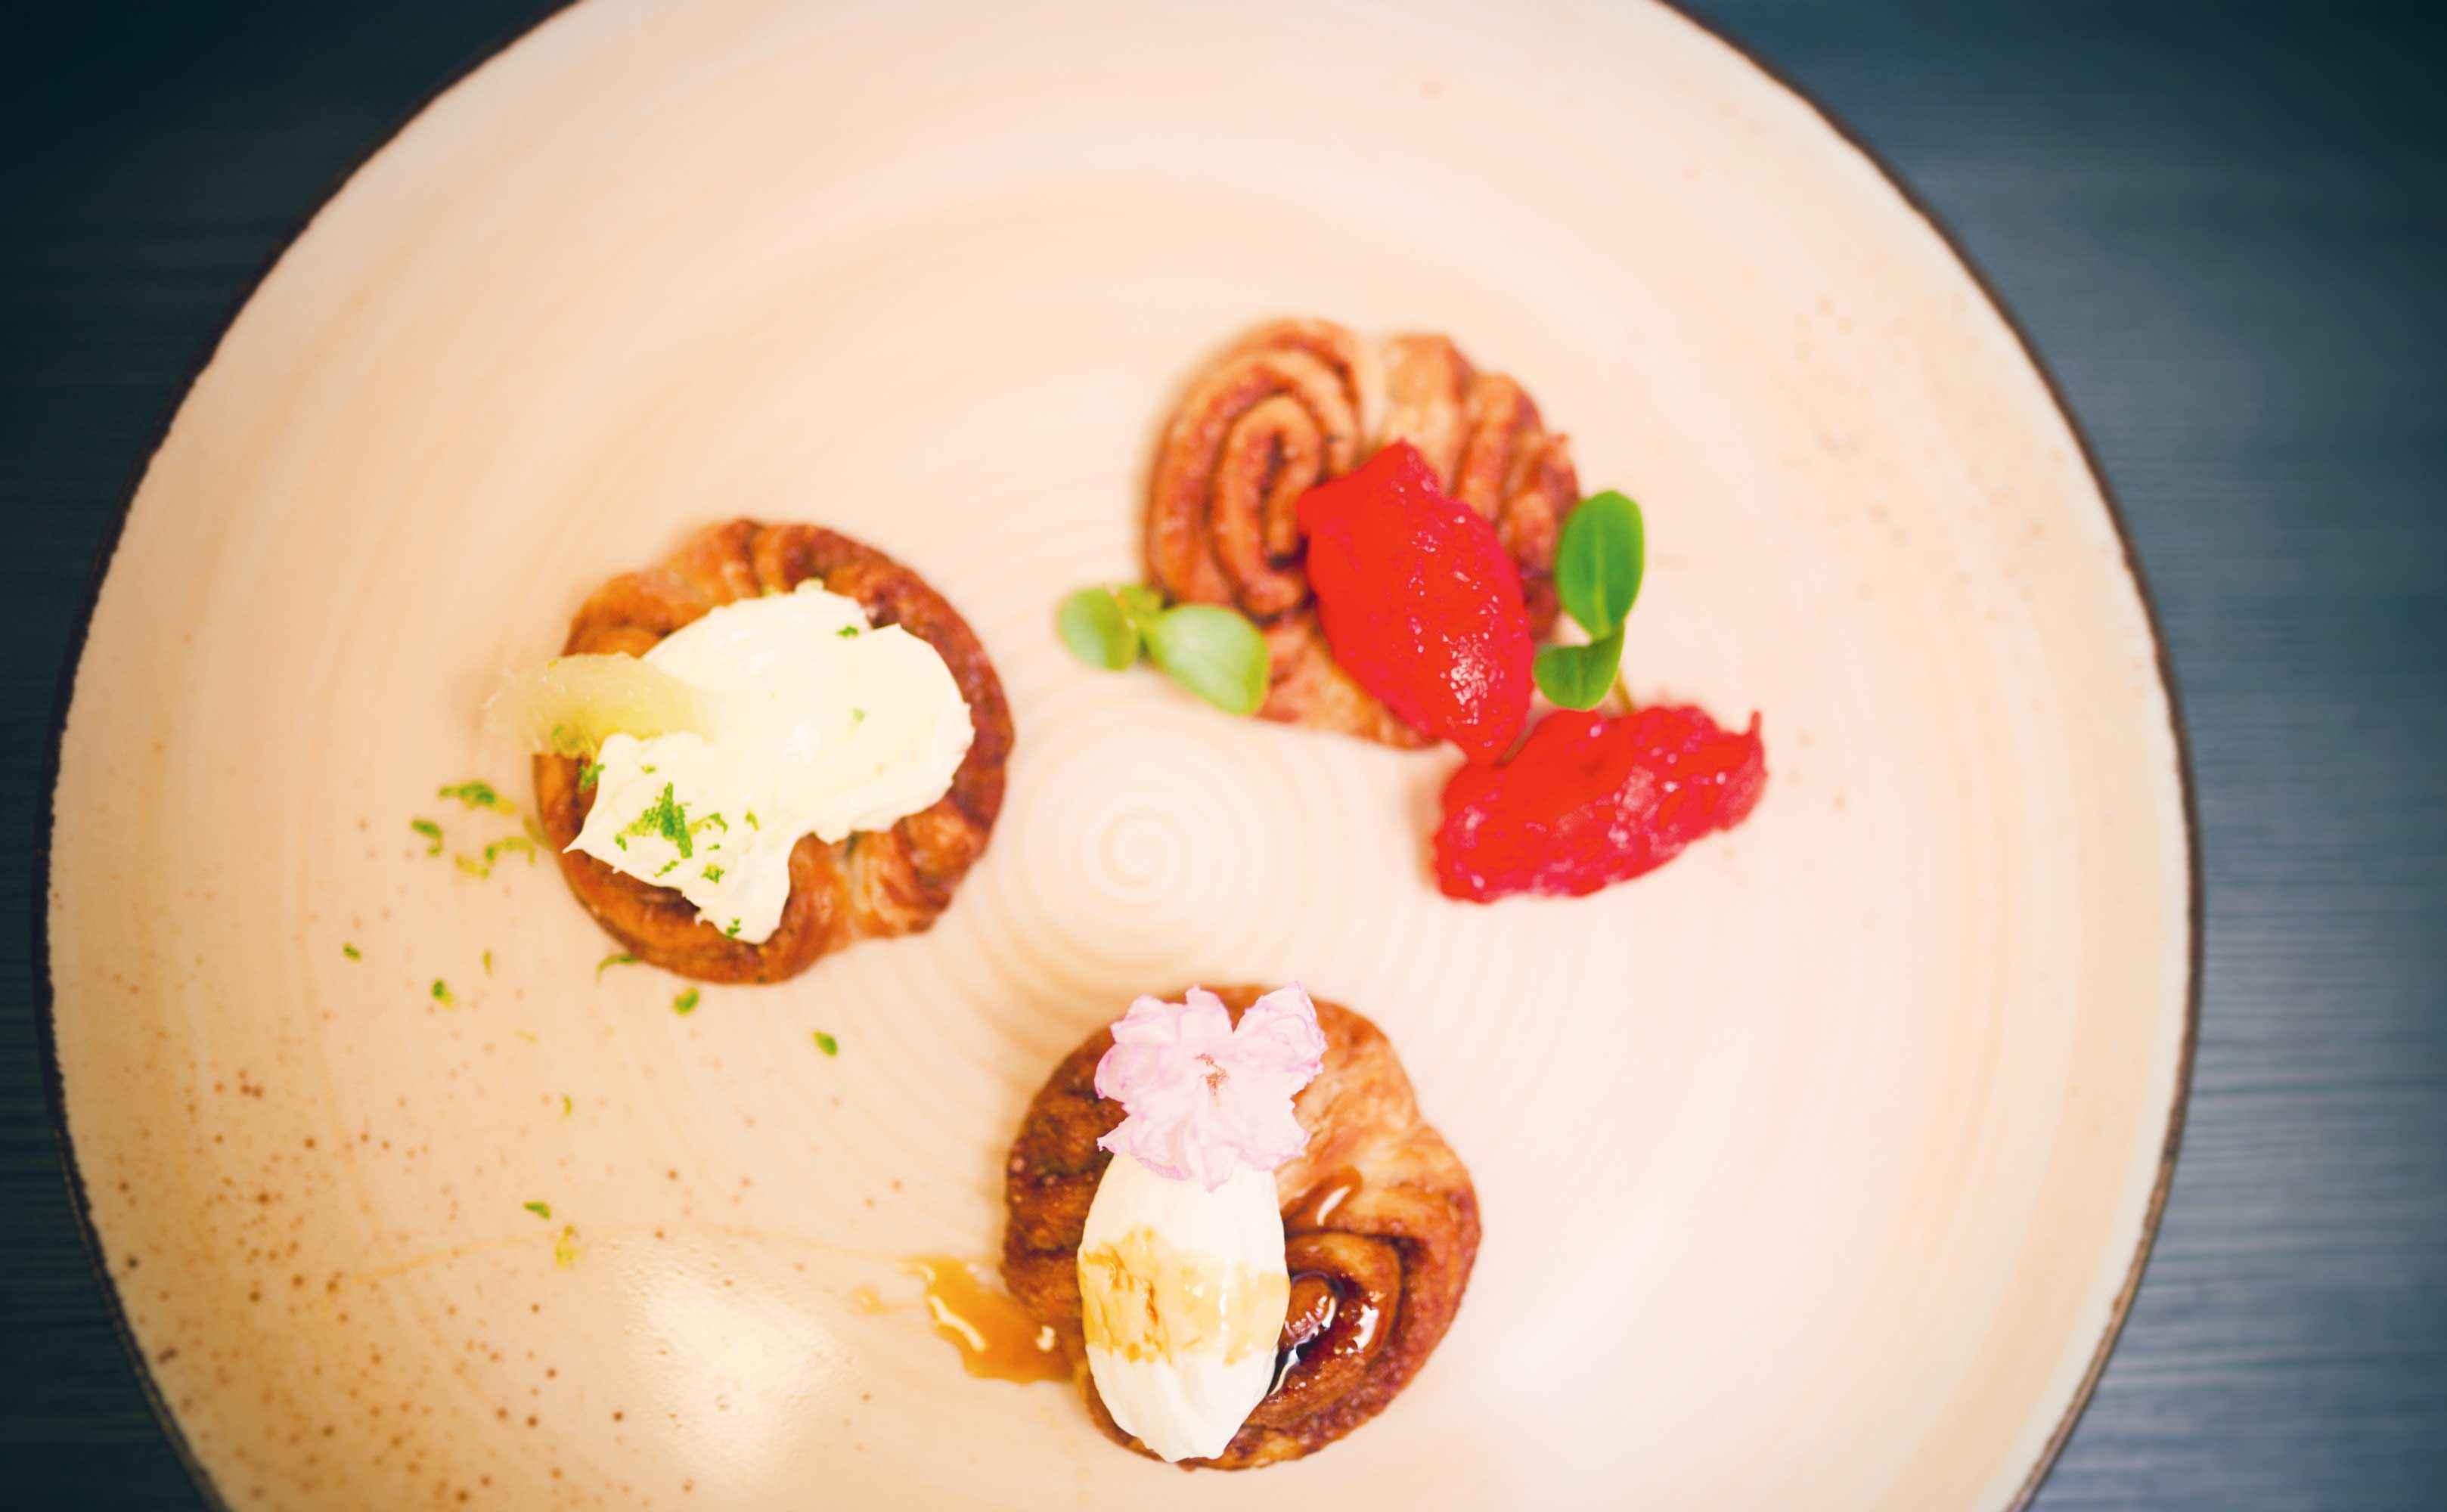 Rezept für Hamburger Franzbrötchen mit Finkenwerder Herbstprinz, Rapshonigquark und Limettenbutter